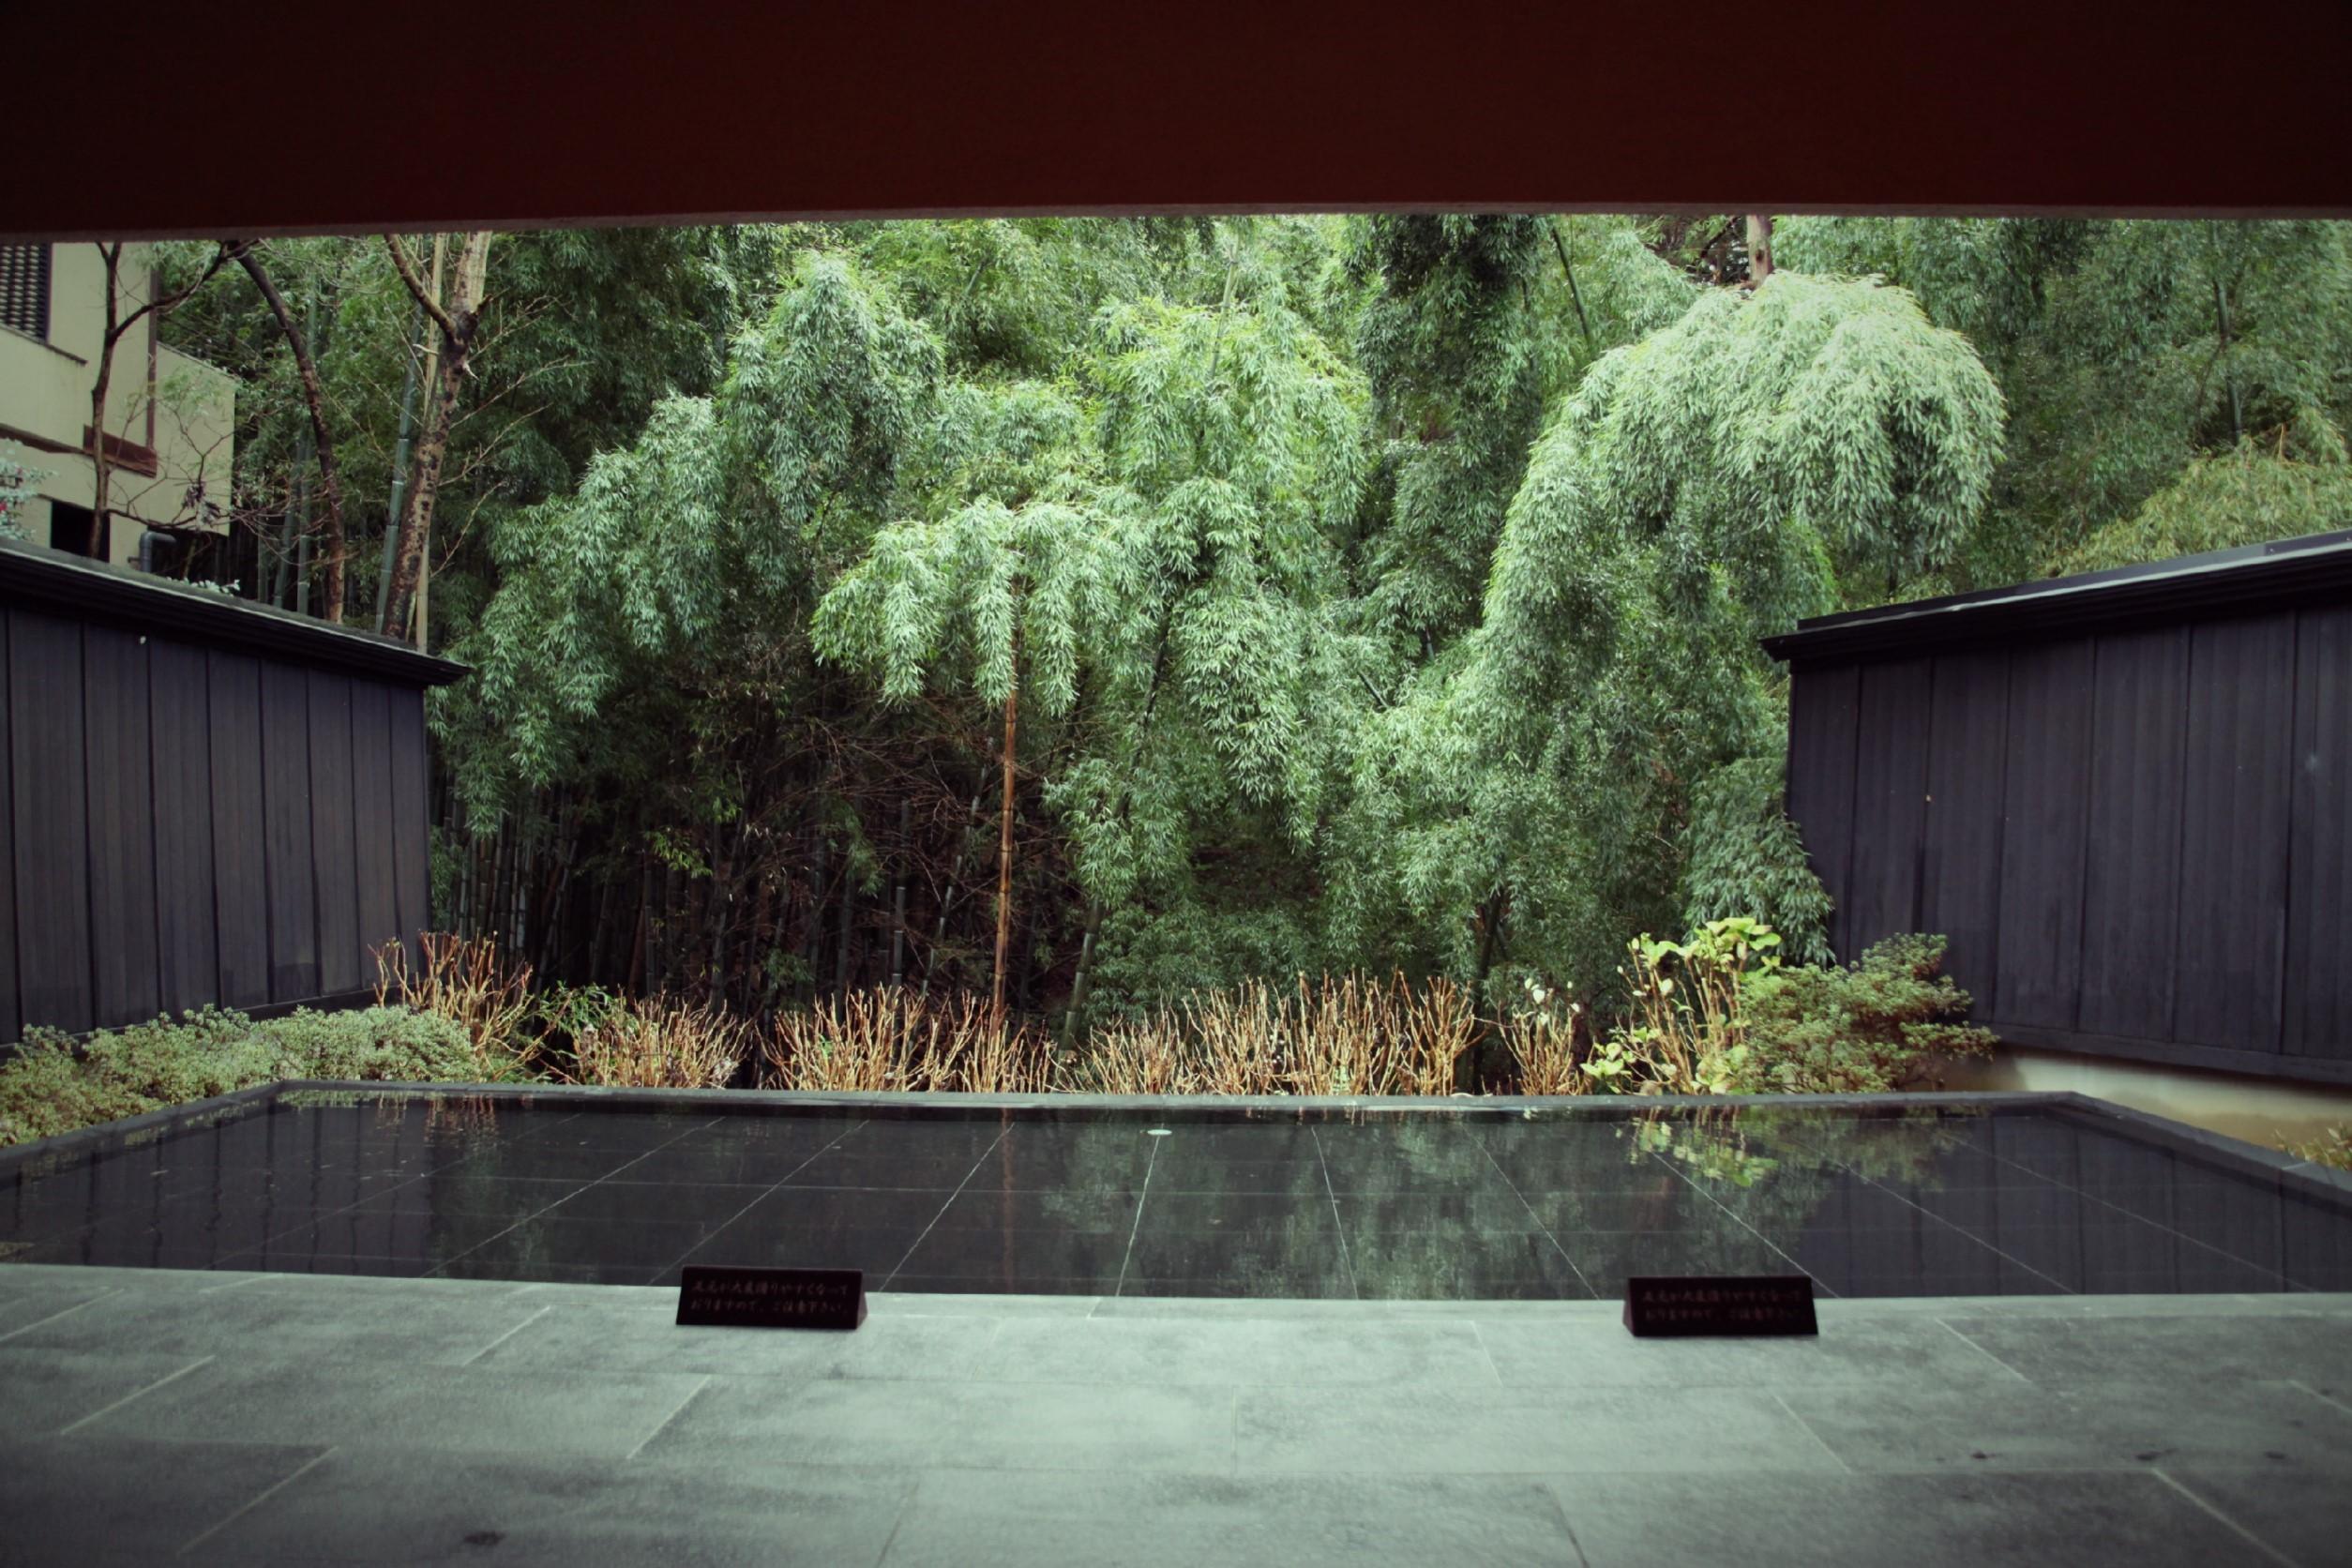 森の栖から外観を覗くと、竹林が広がる